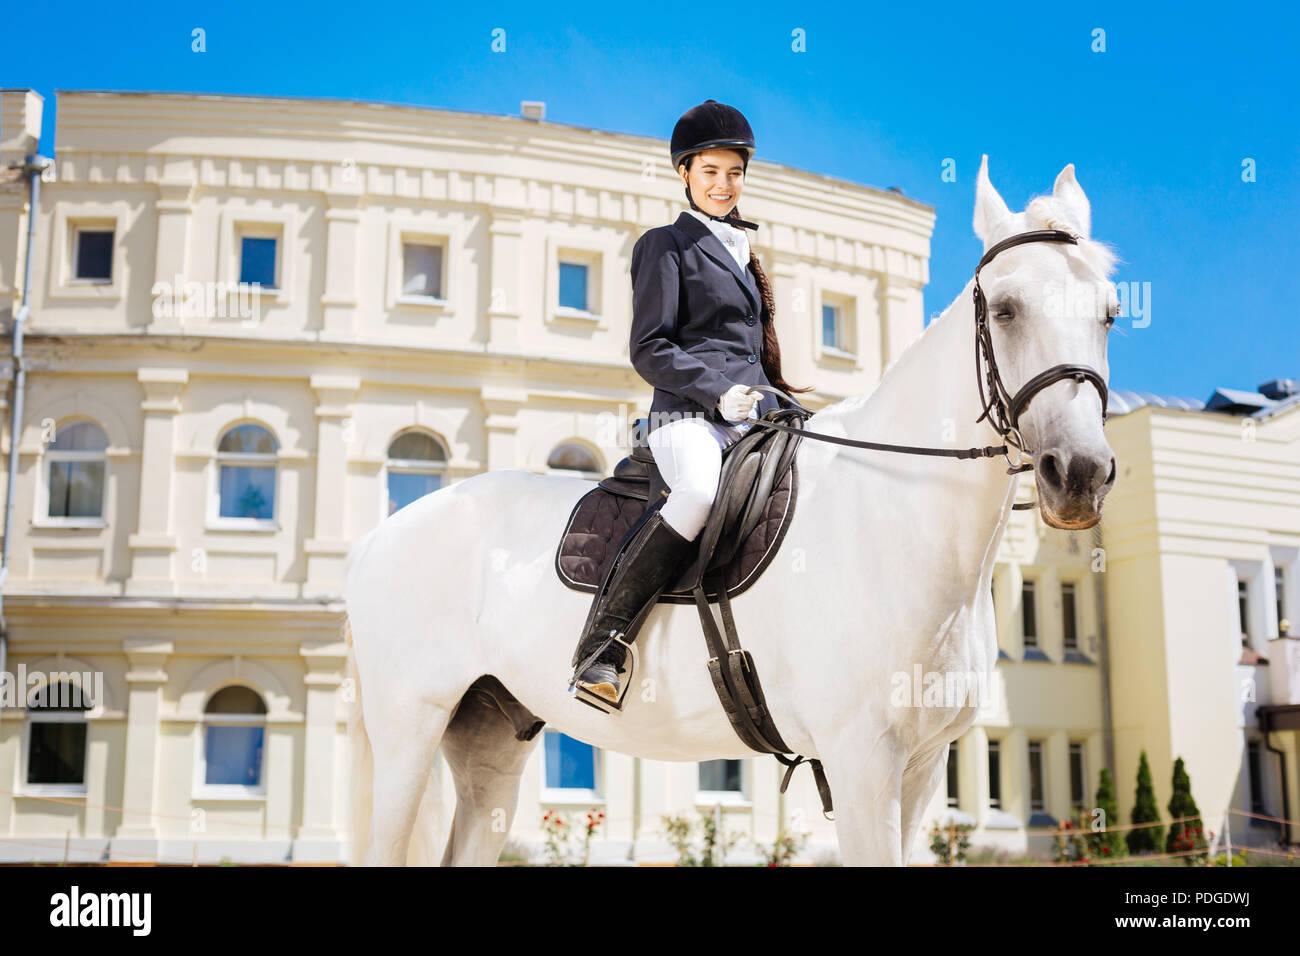 Elegante sanfte Frau reiten ihr weißes Pferd auf Big Race track Stockbild